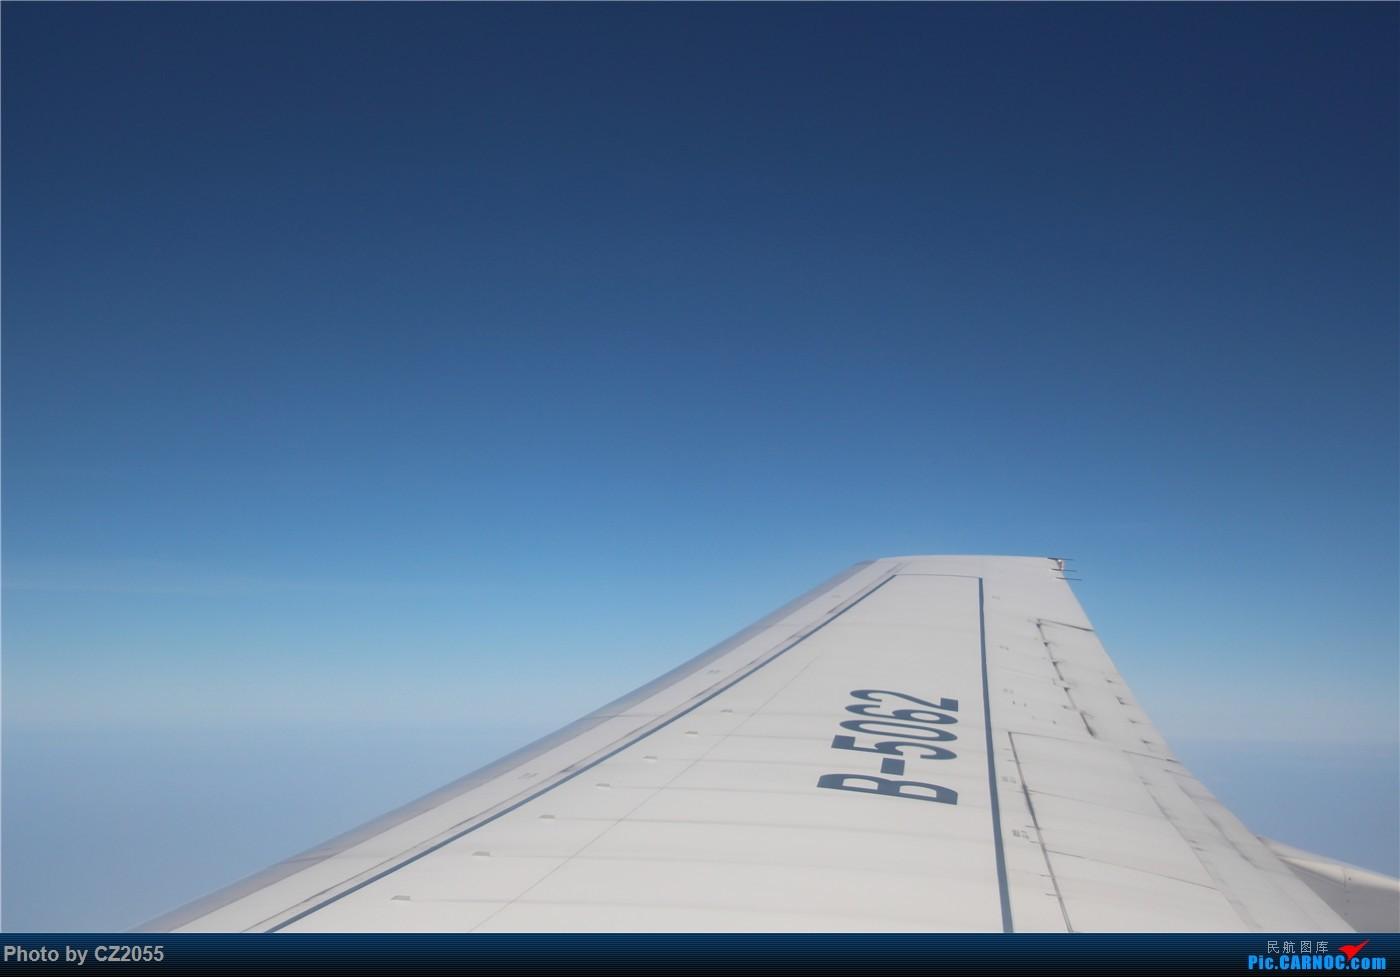 Re:[原创]【广东青少年拍机小队】【C-Z-2055(1)】Aug.8.2015 不期而遇,相伴相惜。首次体验SKYTRAX五星航空公司-海南航空。 BOEING 737-700 B-5062 中国广州白云机场